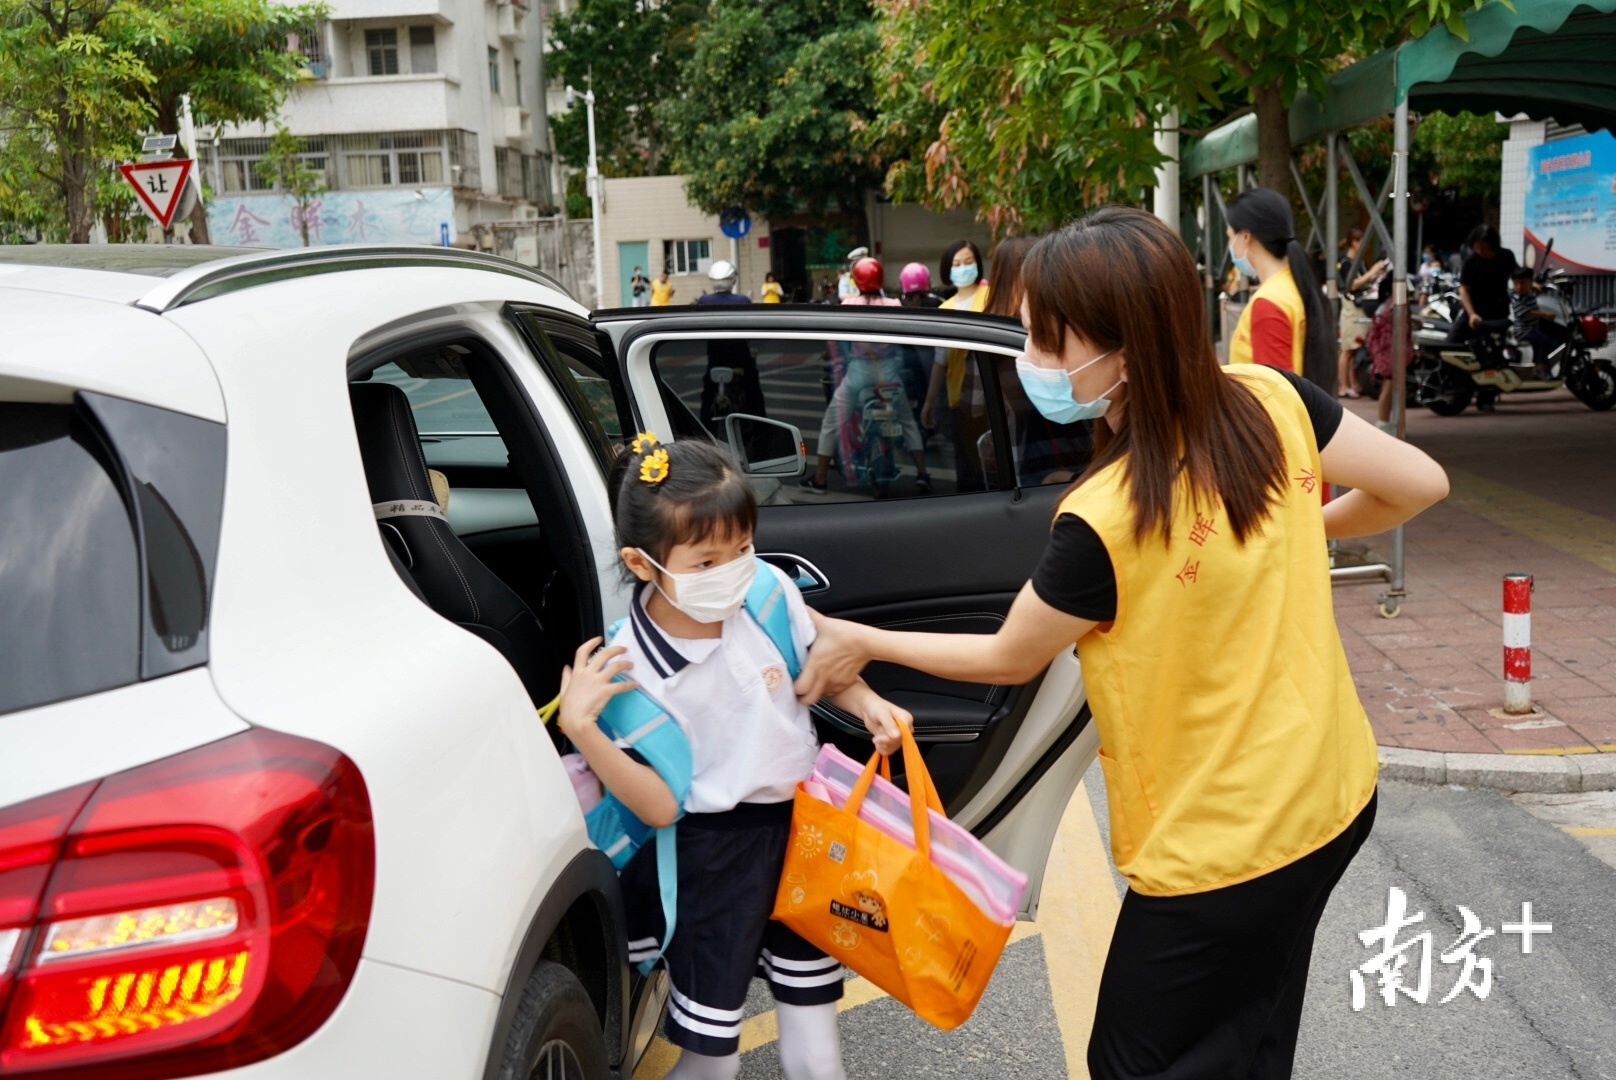 家长志愿者在学校门口协助维持秩序。杨立轩摄